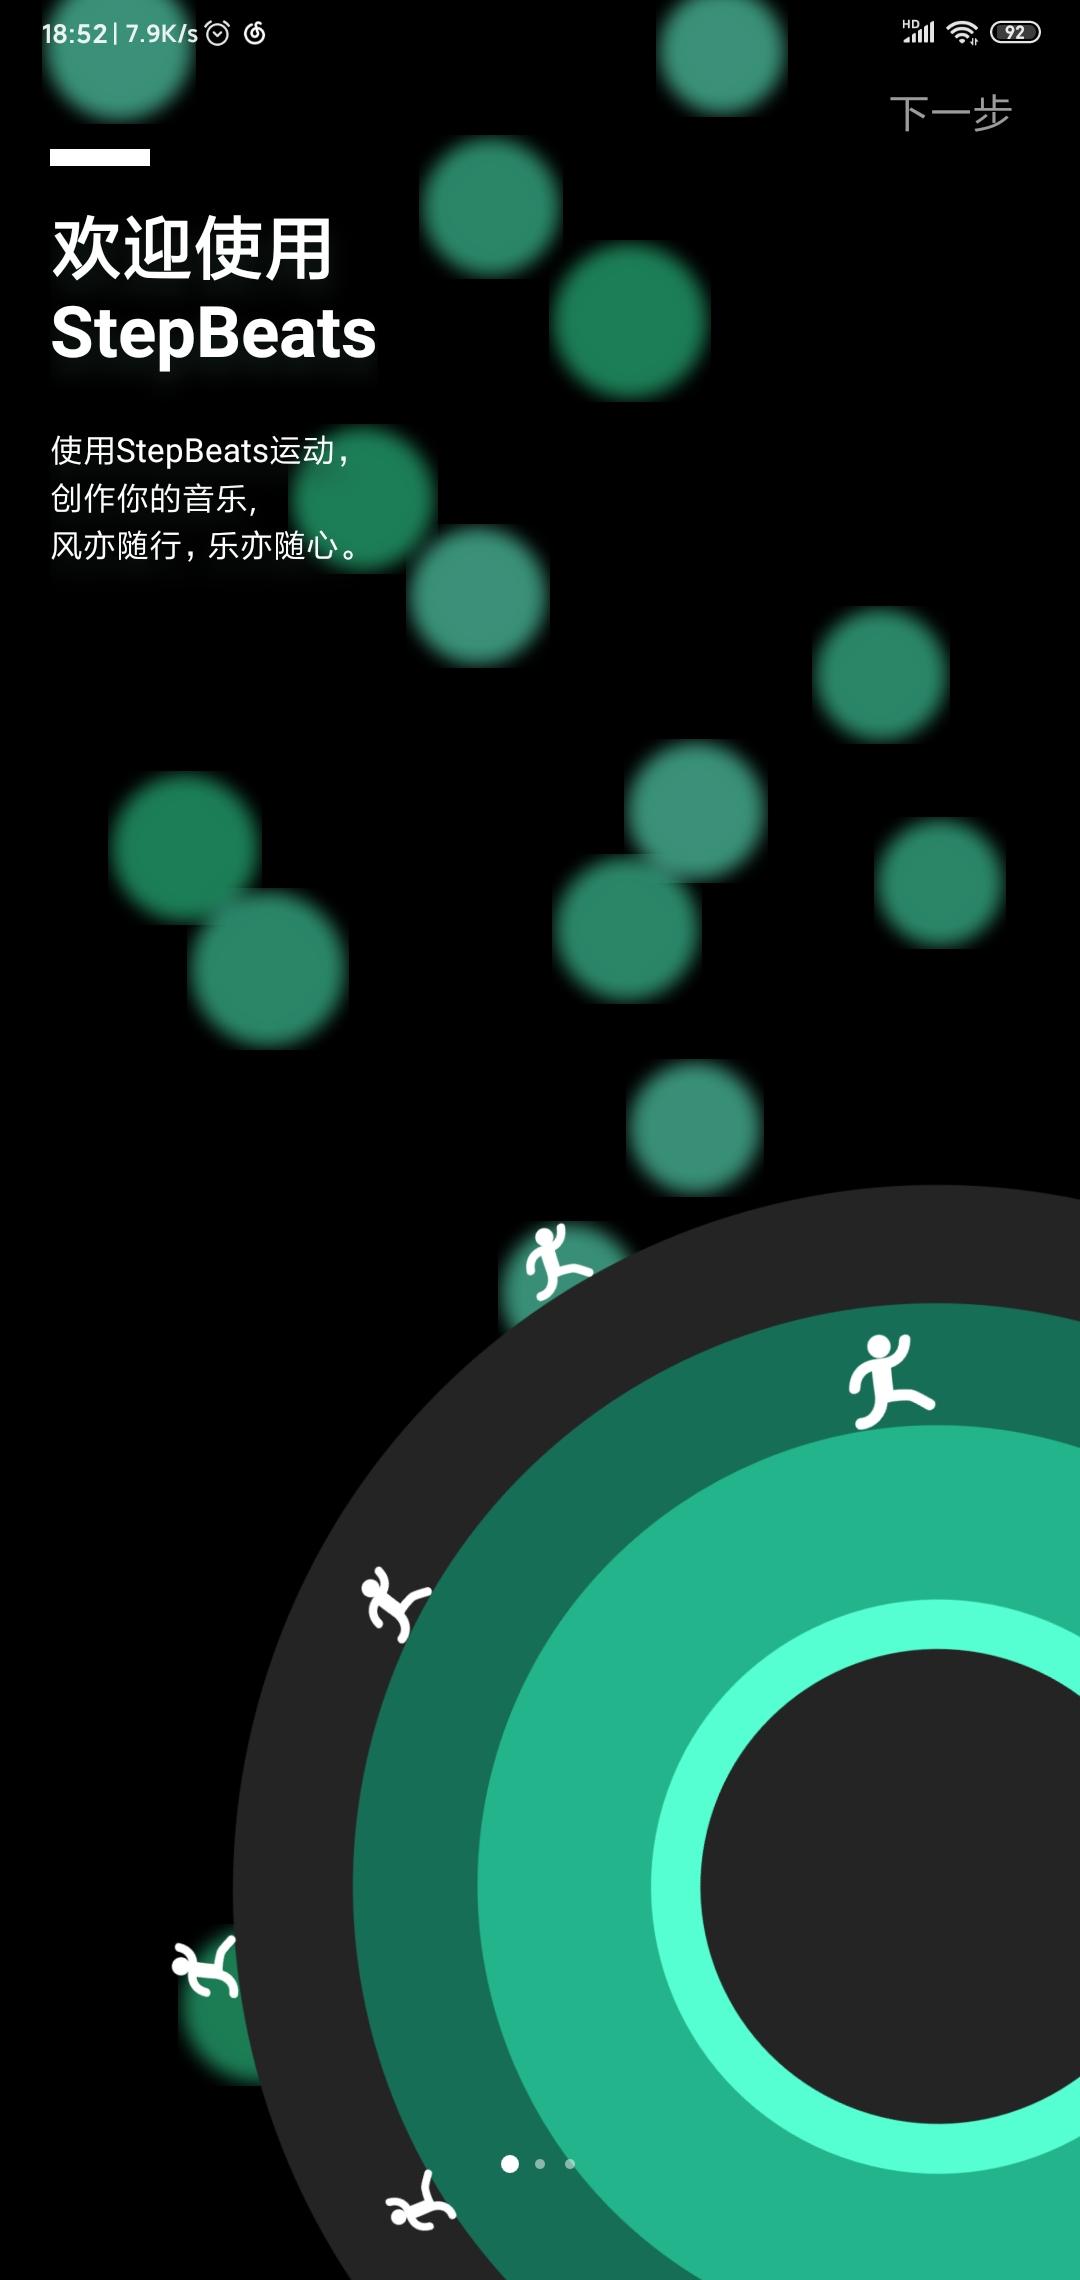 【分享】stepbeats---跑出你的节奏